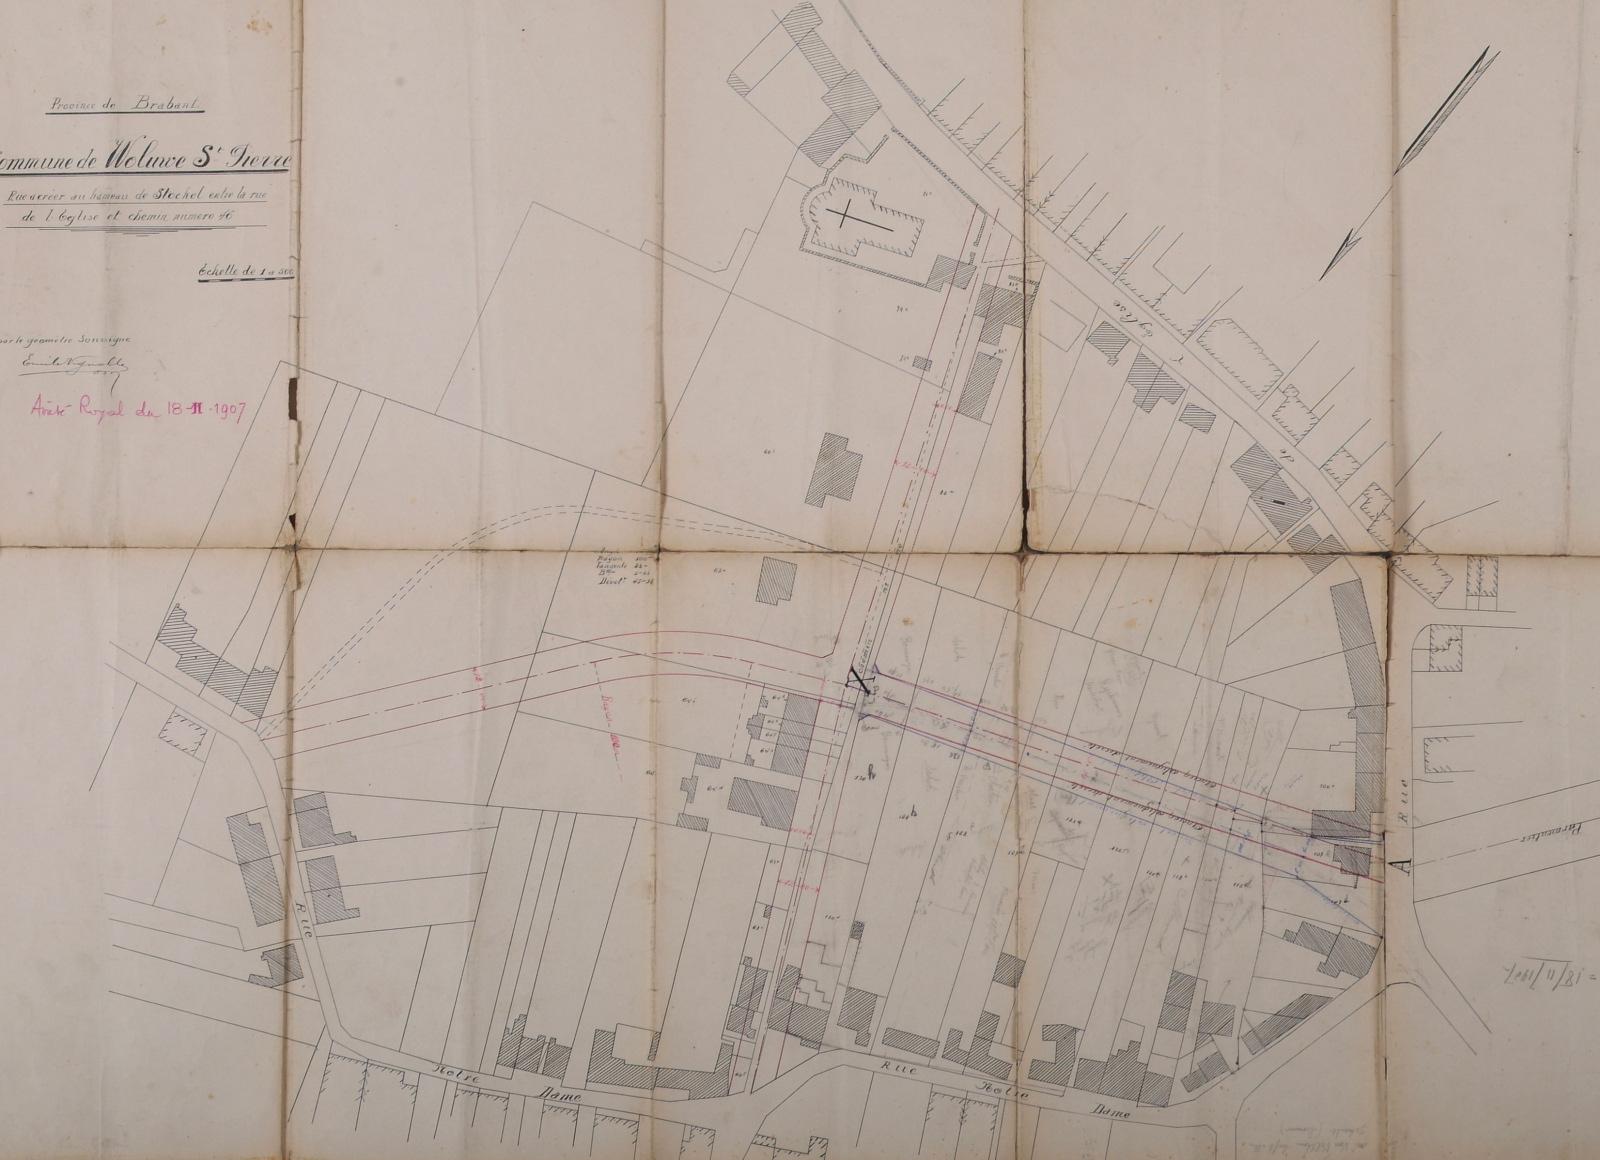 Le tracé de la rue Jean-Baptiste Lepage, approuvé par l'arrêté royal du 18.11.1907 (ACWSP/Urb. alignement 25).